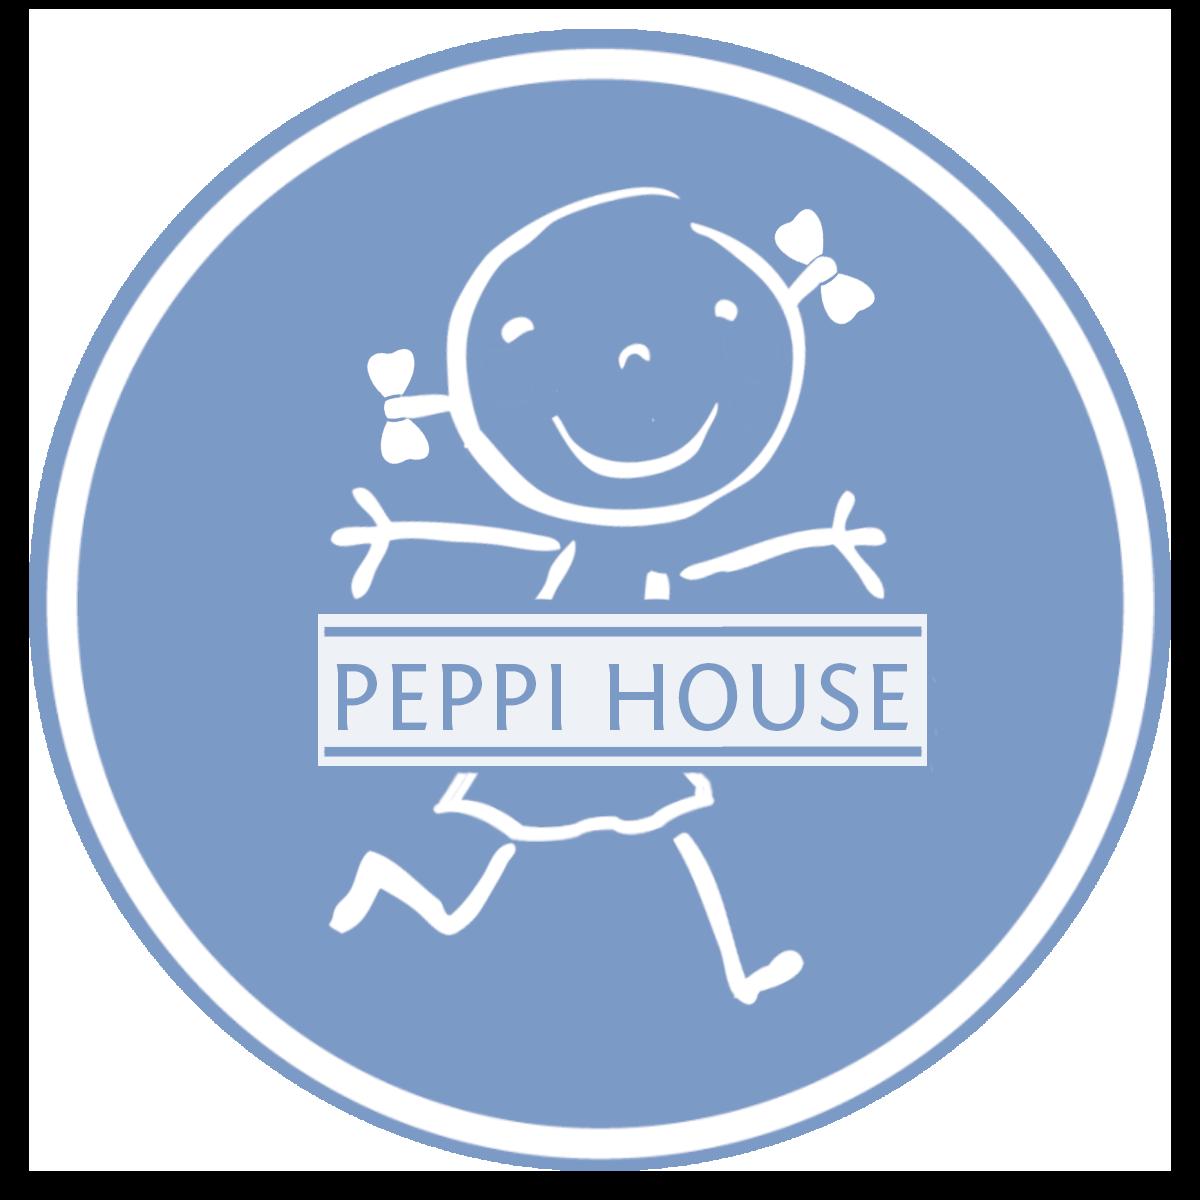 PEPPI HOUSE